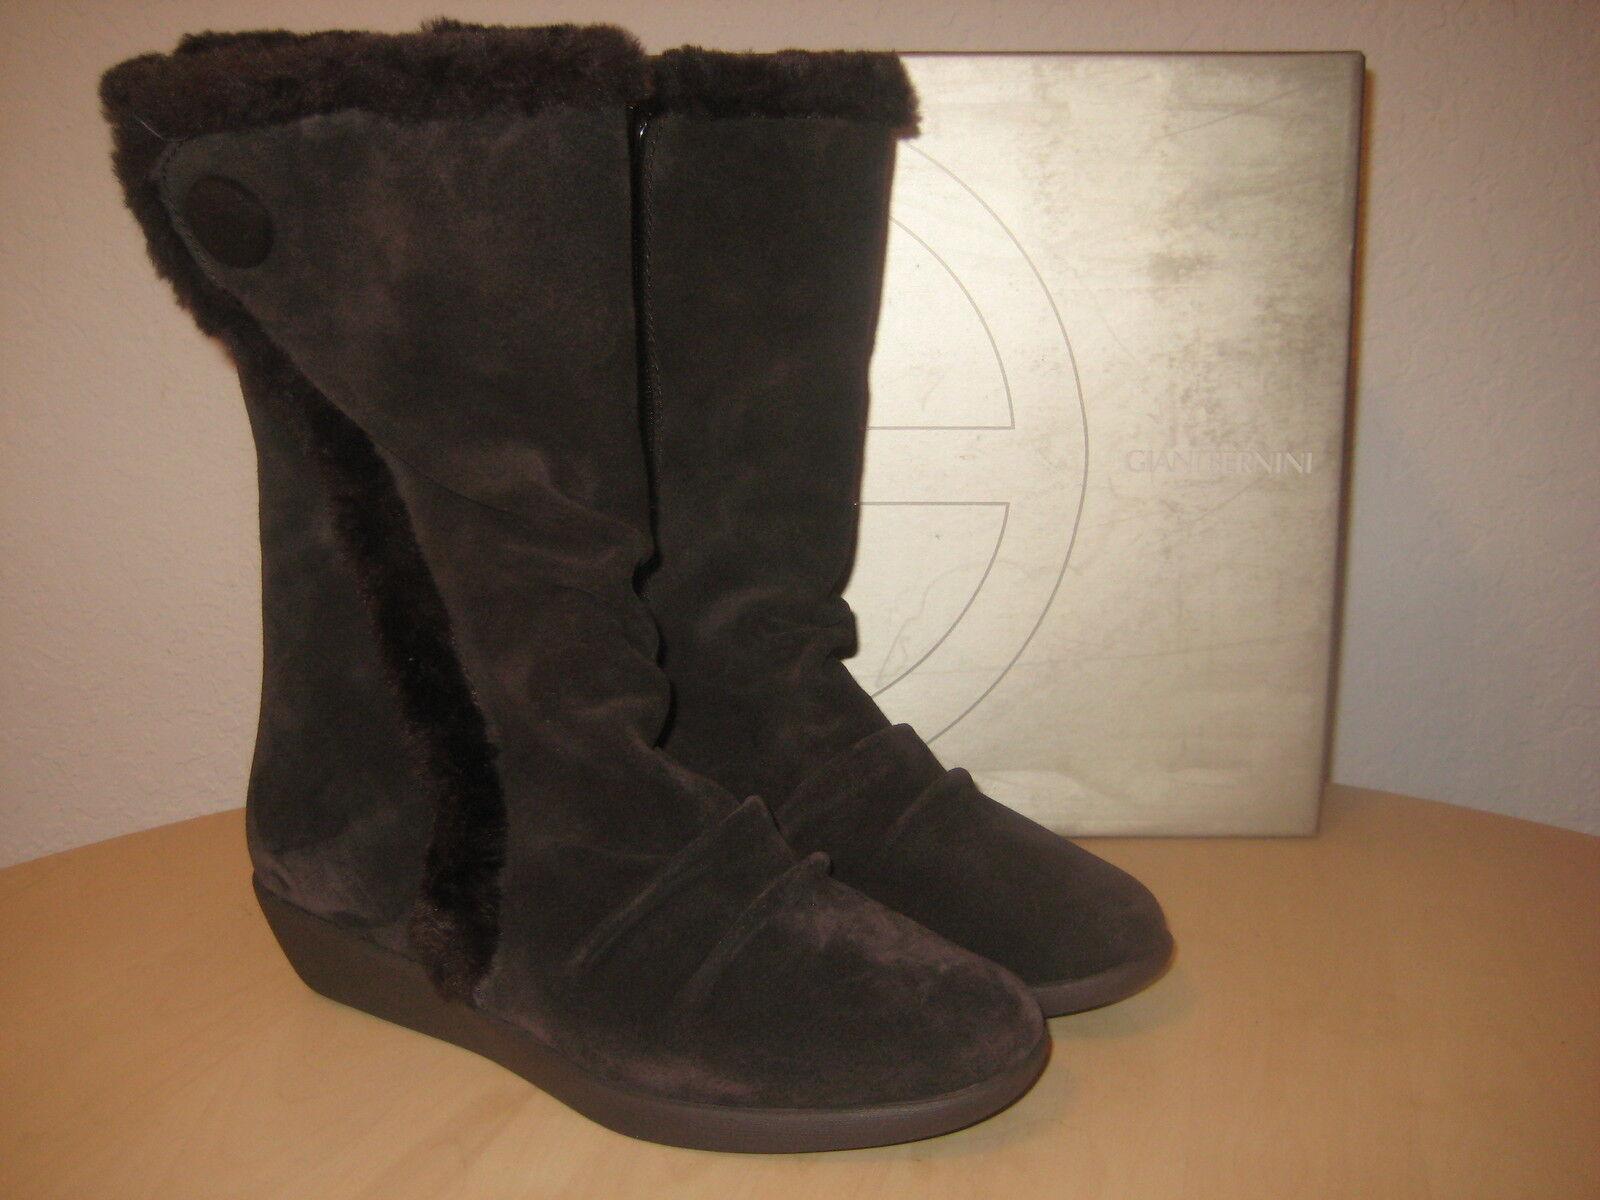 Giani Bernini zapatos talla 8 M para Mujeres Mujeres Mujeres botas De Moda ante marrón nuevo Sicilia  Las ventas en línea ahorran un 70%.